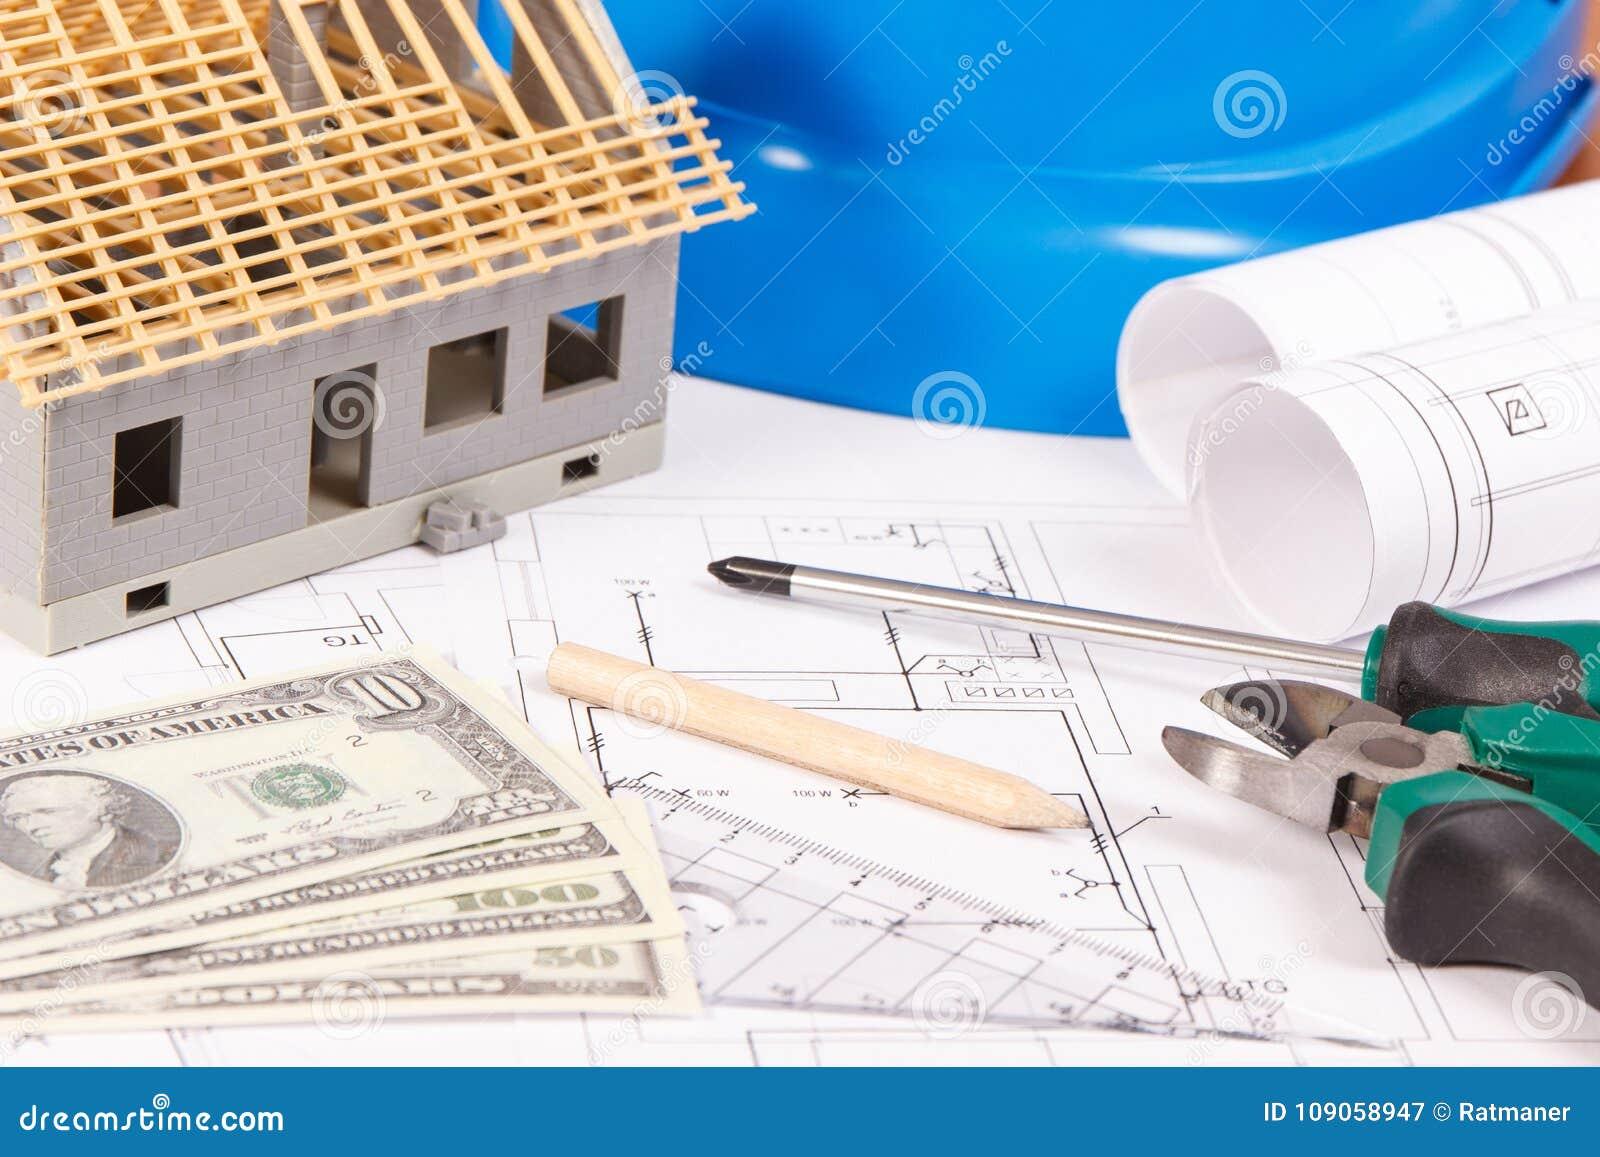 Dessins de construction électriques, outils de travail et accessoires, petite maison de jouet et dollar de devises, concept à la